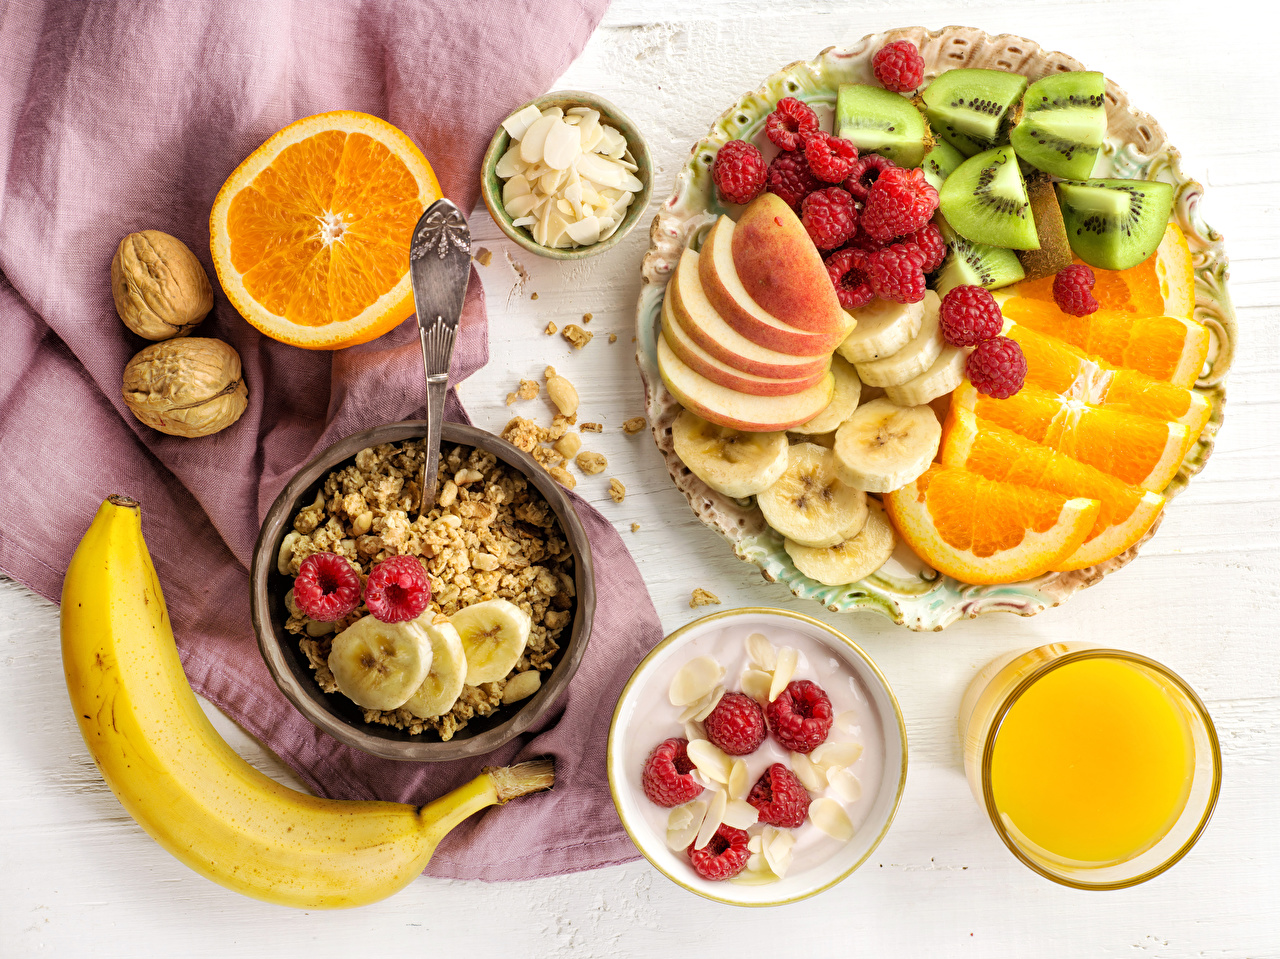 Картинка Сок Завтрак Апельсин Малина Бананы стакане Еда Мюсли Фрукты Орехи Стакан стакана Пища Продукты питания